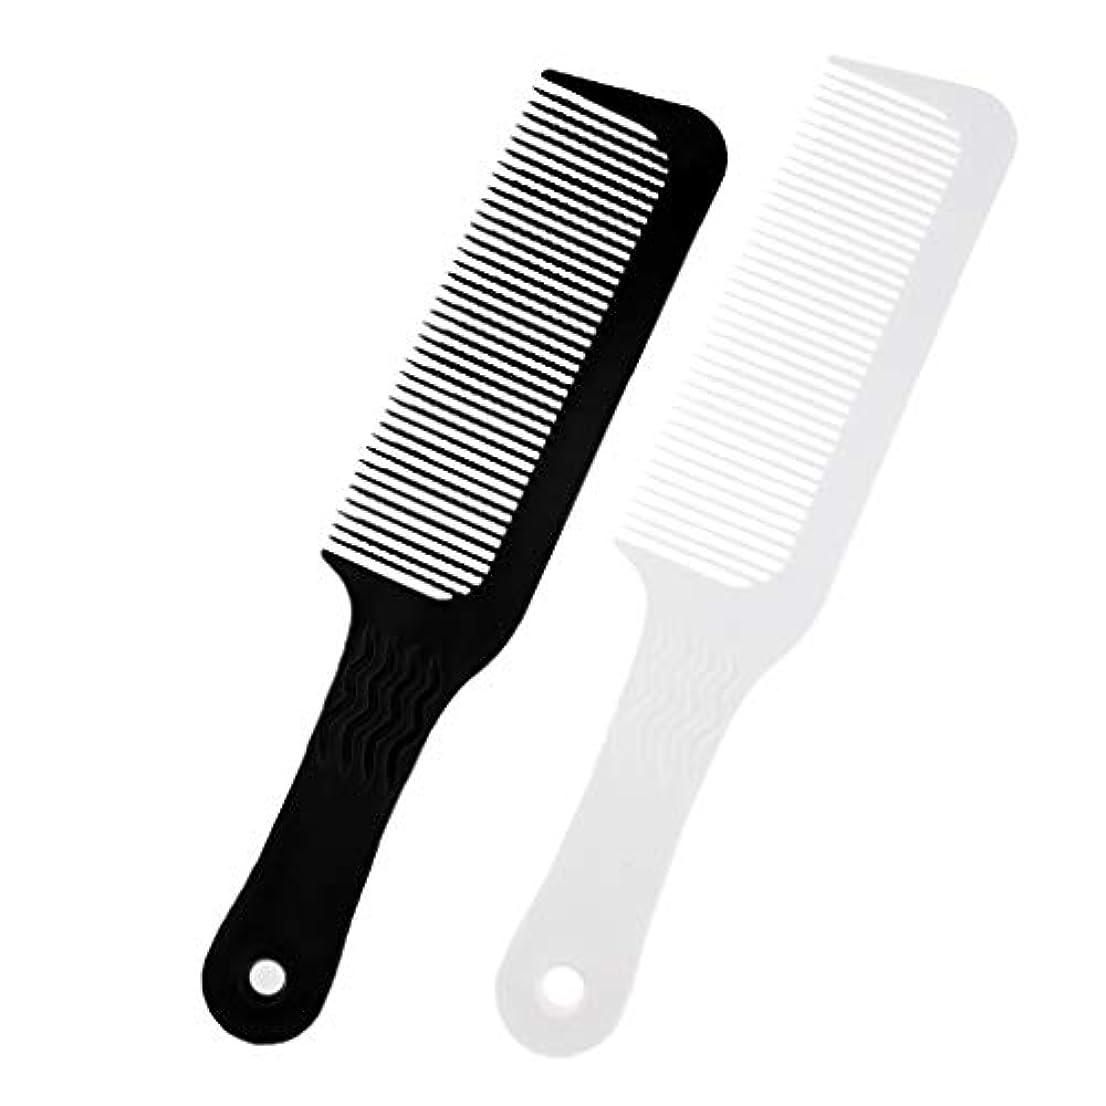 間接的麺飲み込むToygogo プロ3ピース理髪サロンフラットトップクリッパーくし美容師スタイリング切削デタングルブラシツール